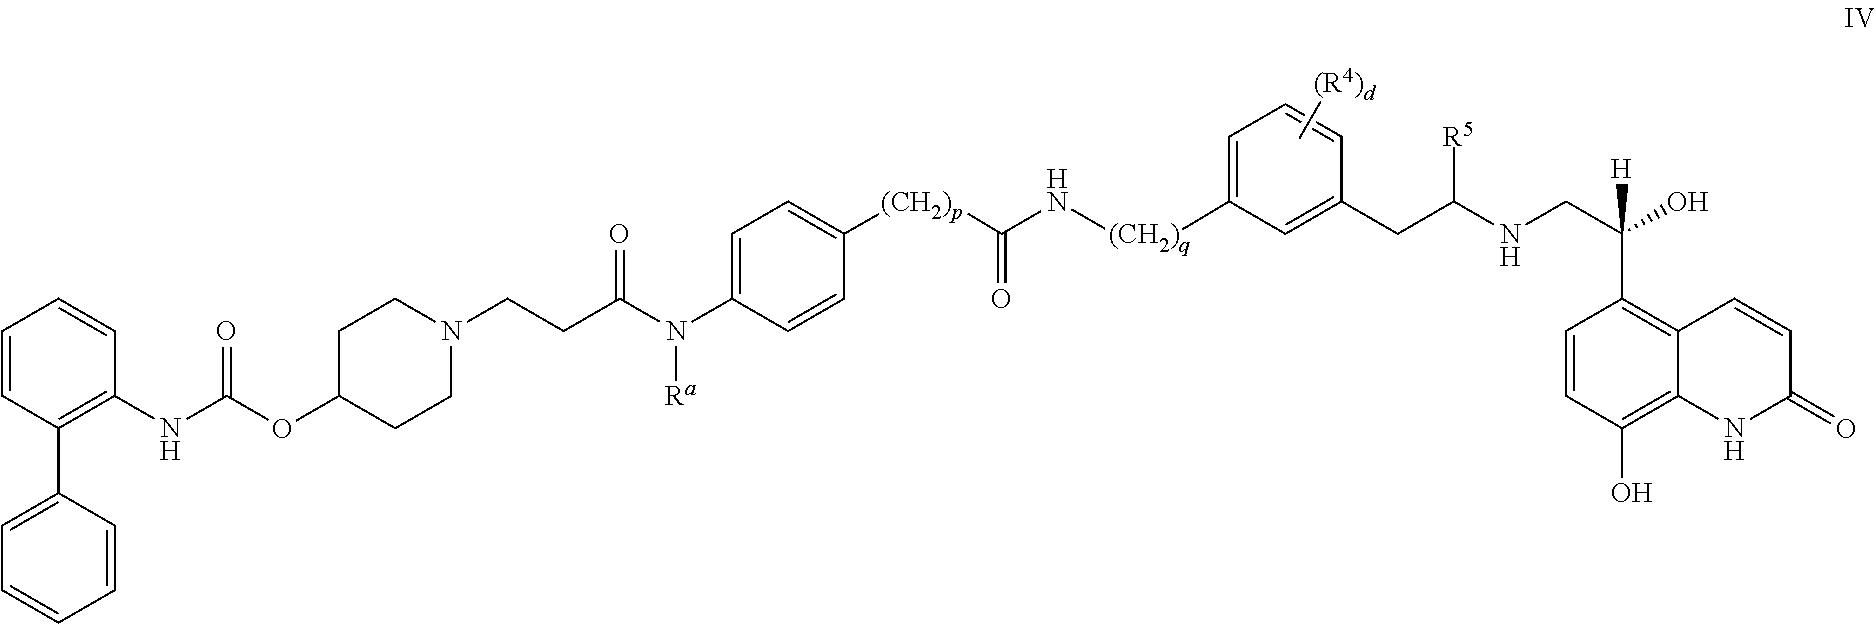 Figure US10138220-20181127-C00010